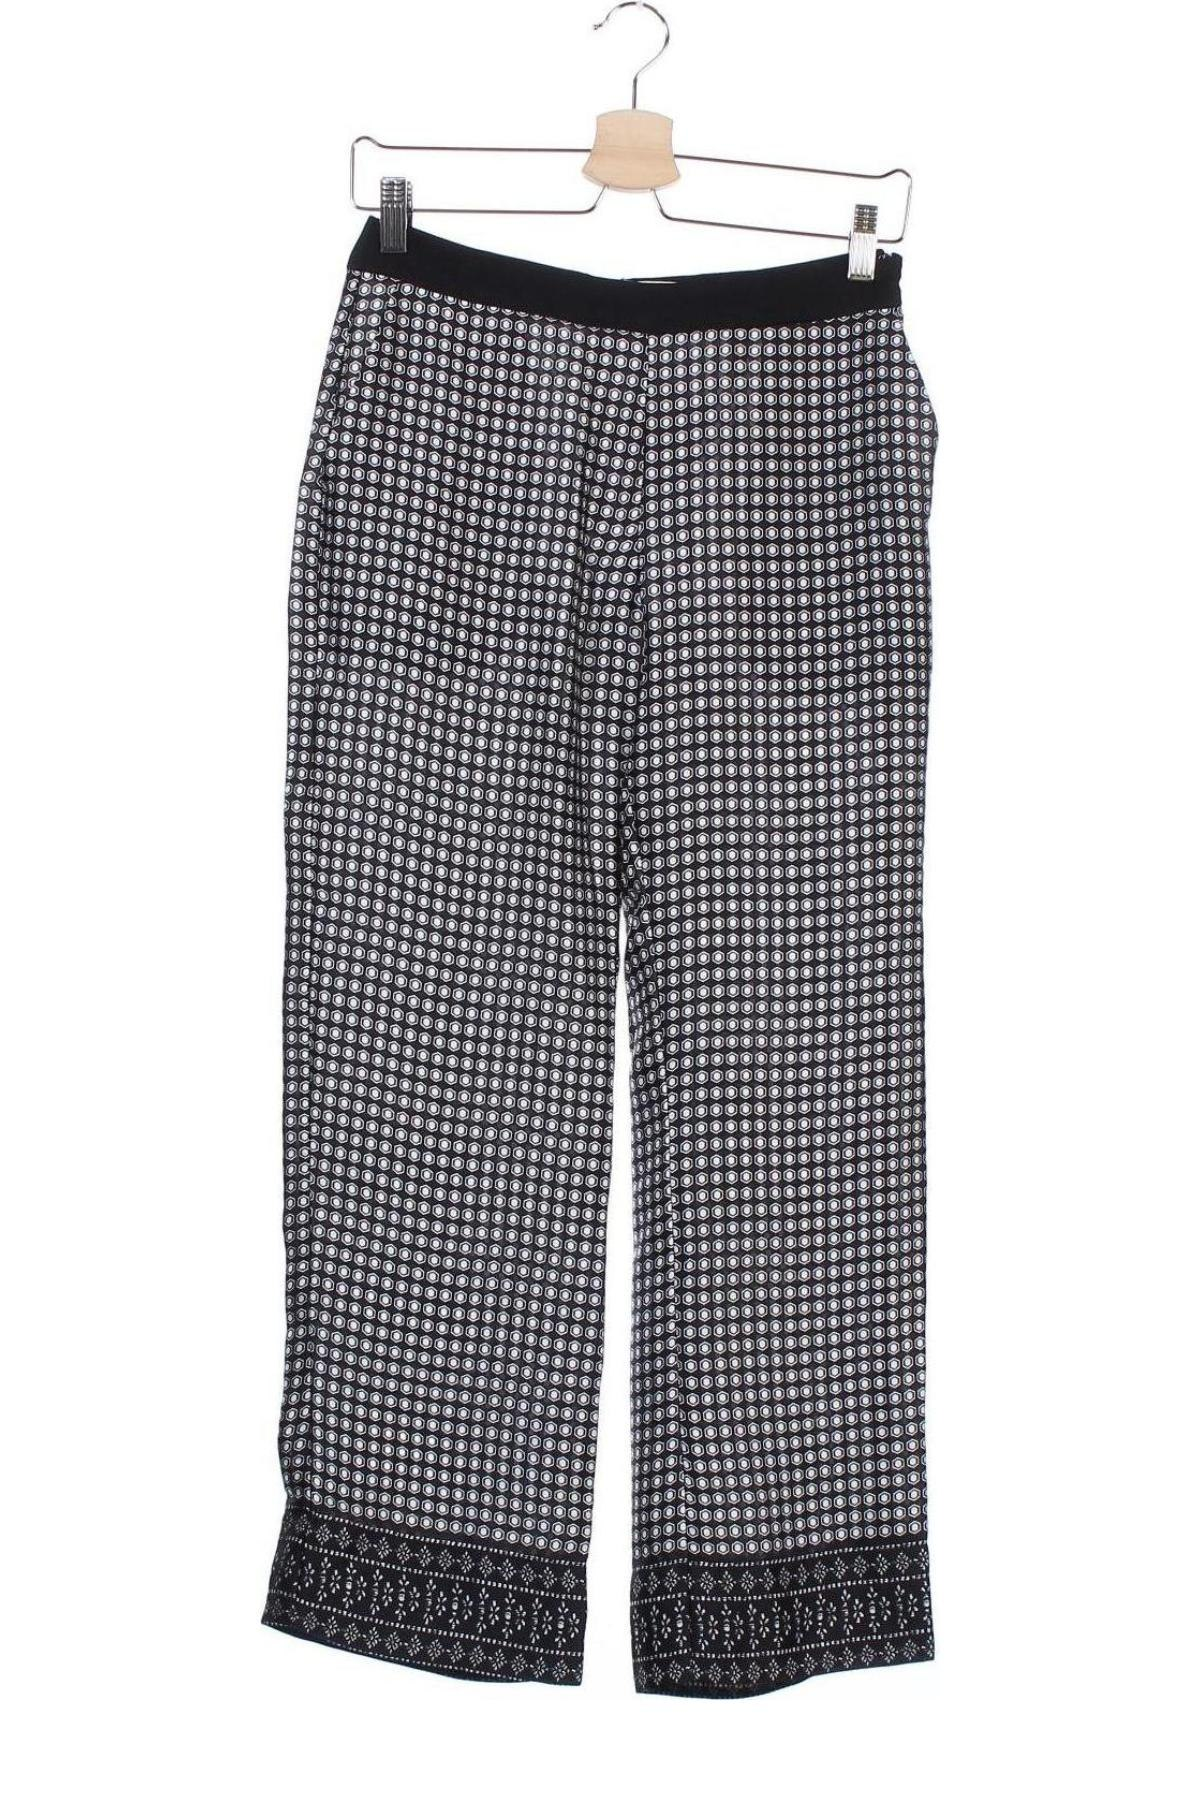 Дамски панталон Mango, Размер XS, Цвят Черен, Полиестер, Цена 14,26лв.